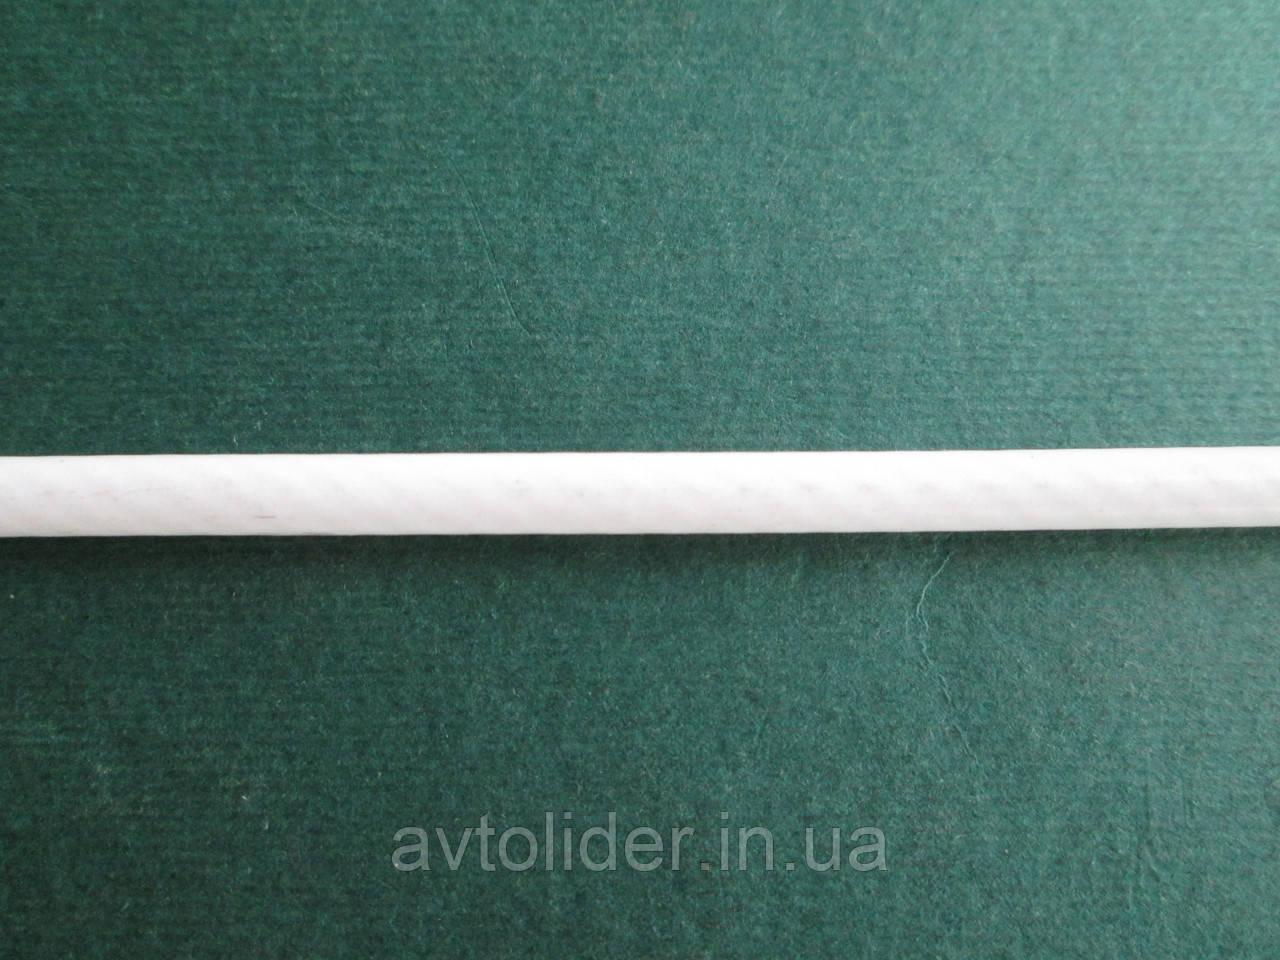 Нержавіючий трос з білим покриттям ПВХ